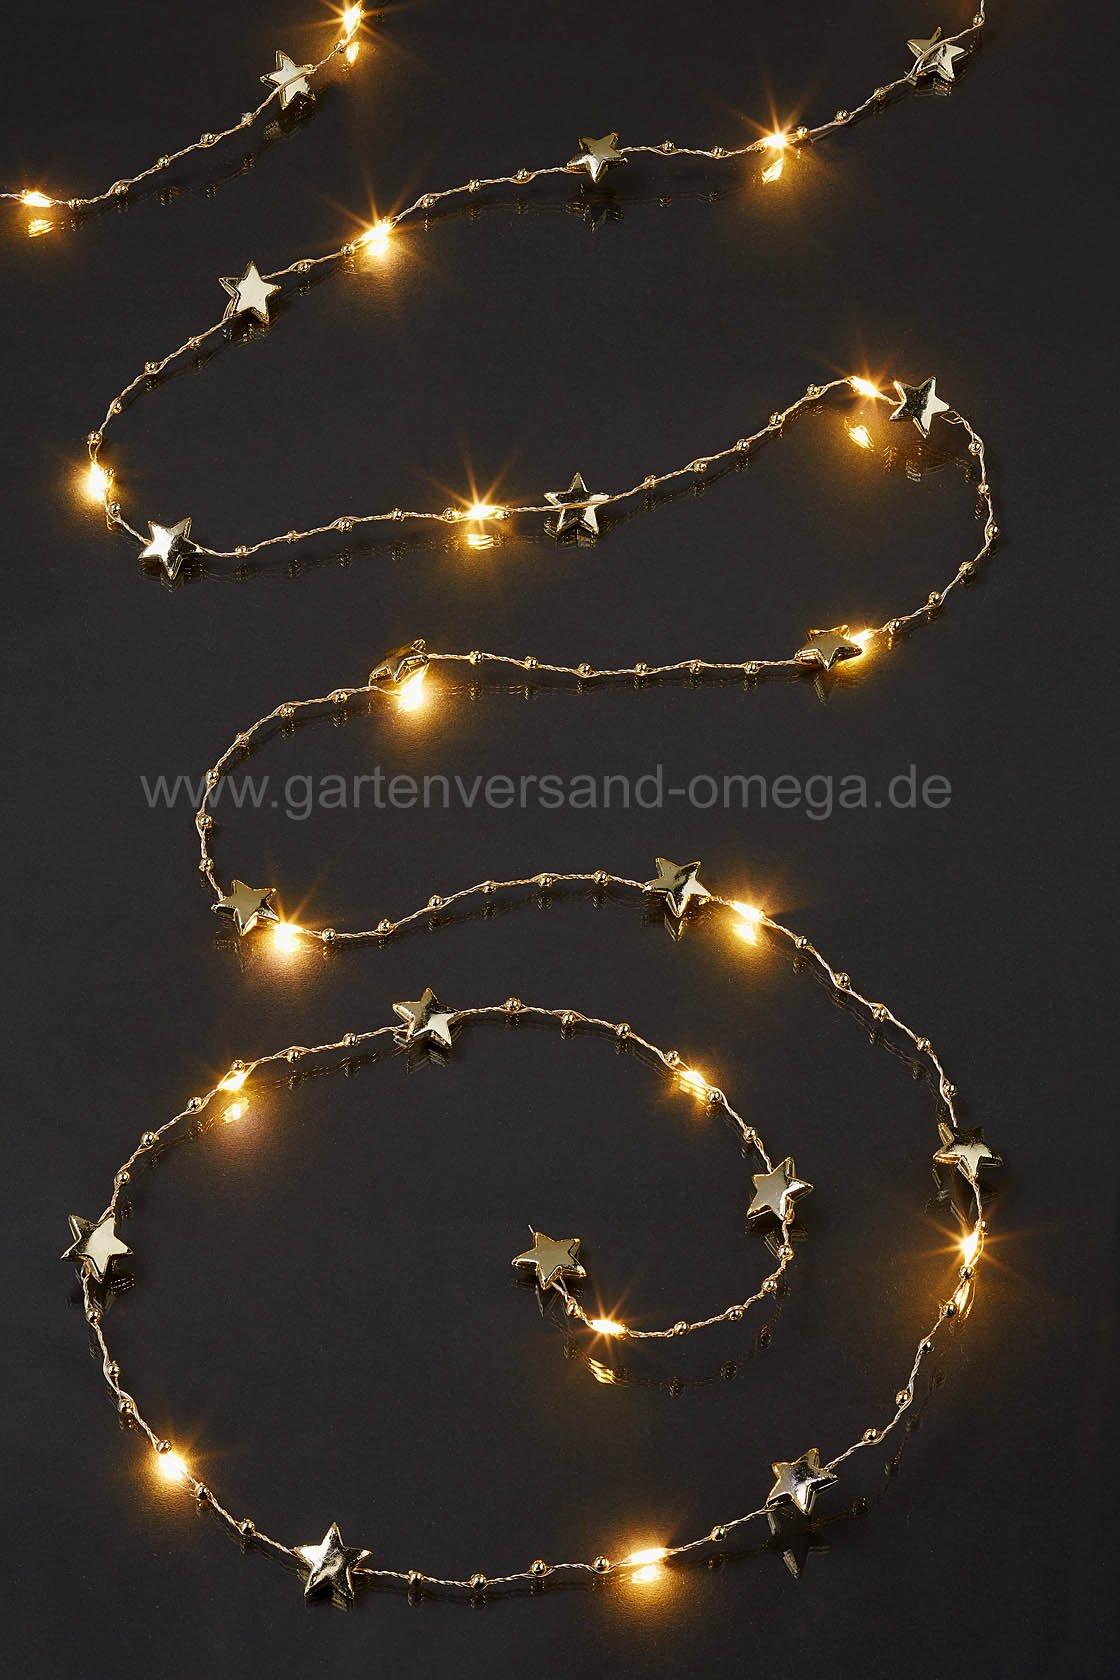 led sternenlichterkette lichterkette mit sternen schmucklichterkette weihnachtsbeleuchtung. Black Bedroom Furniture Sets. Home Design Ideas